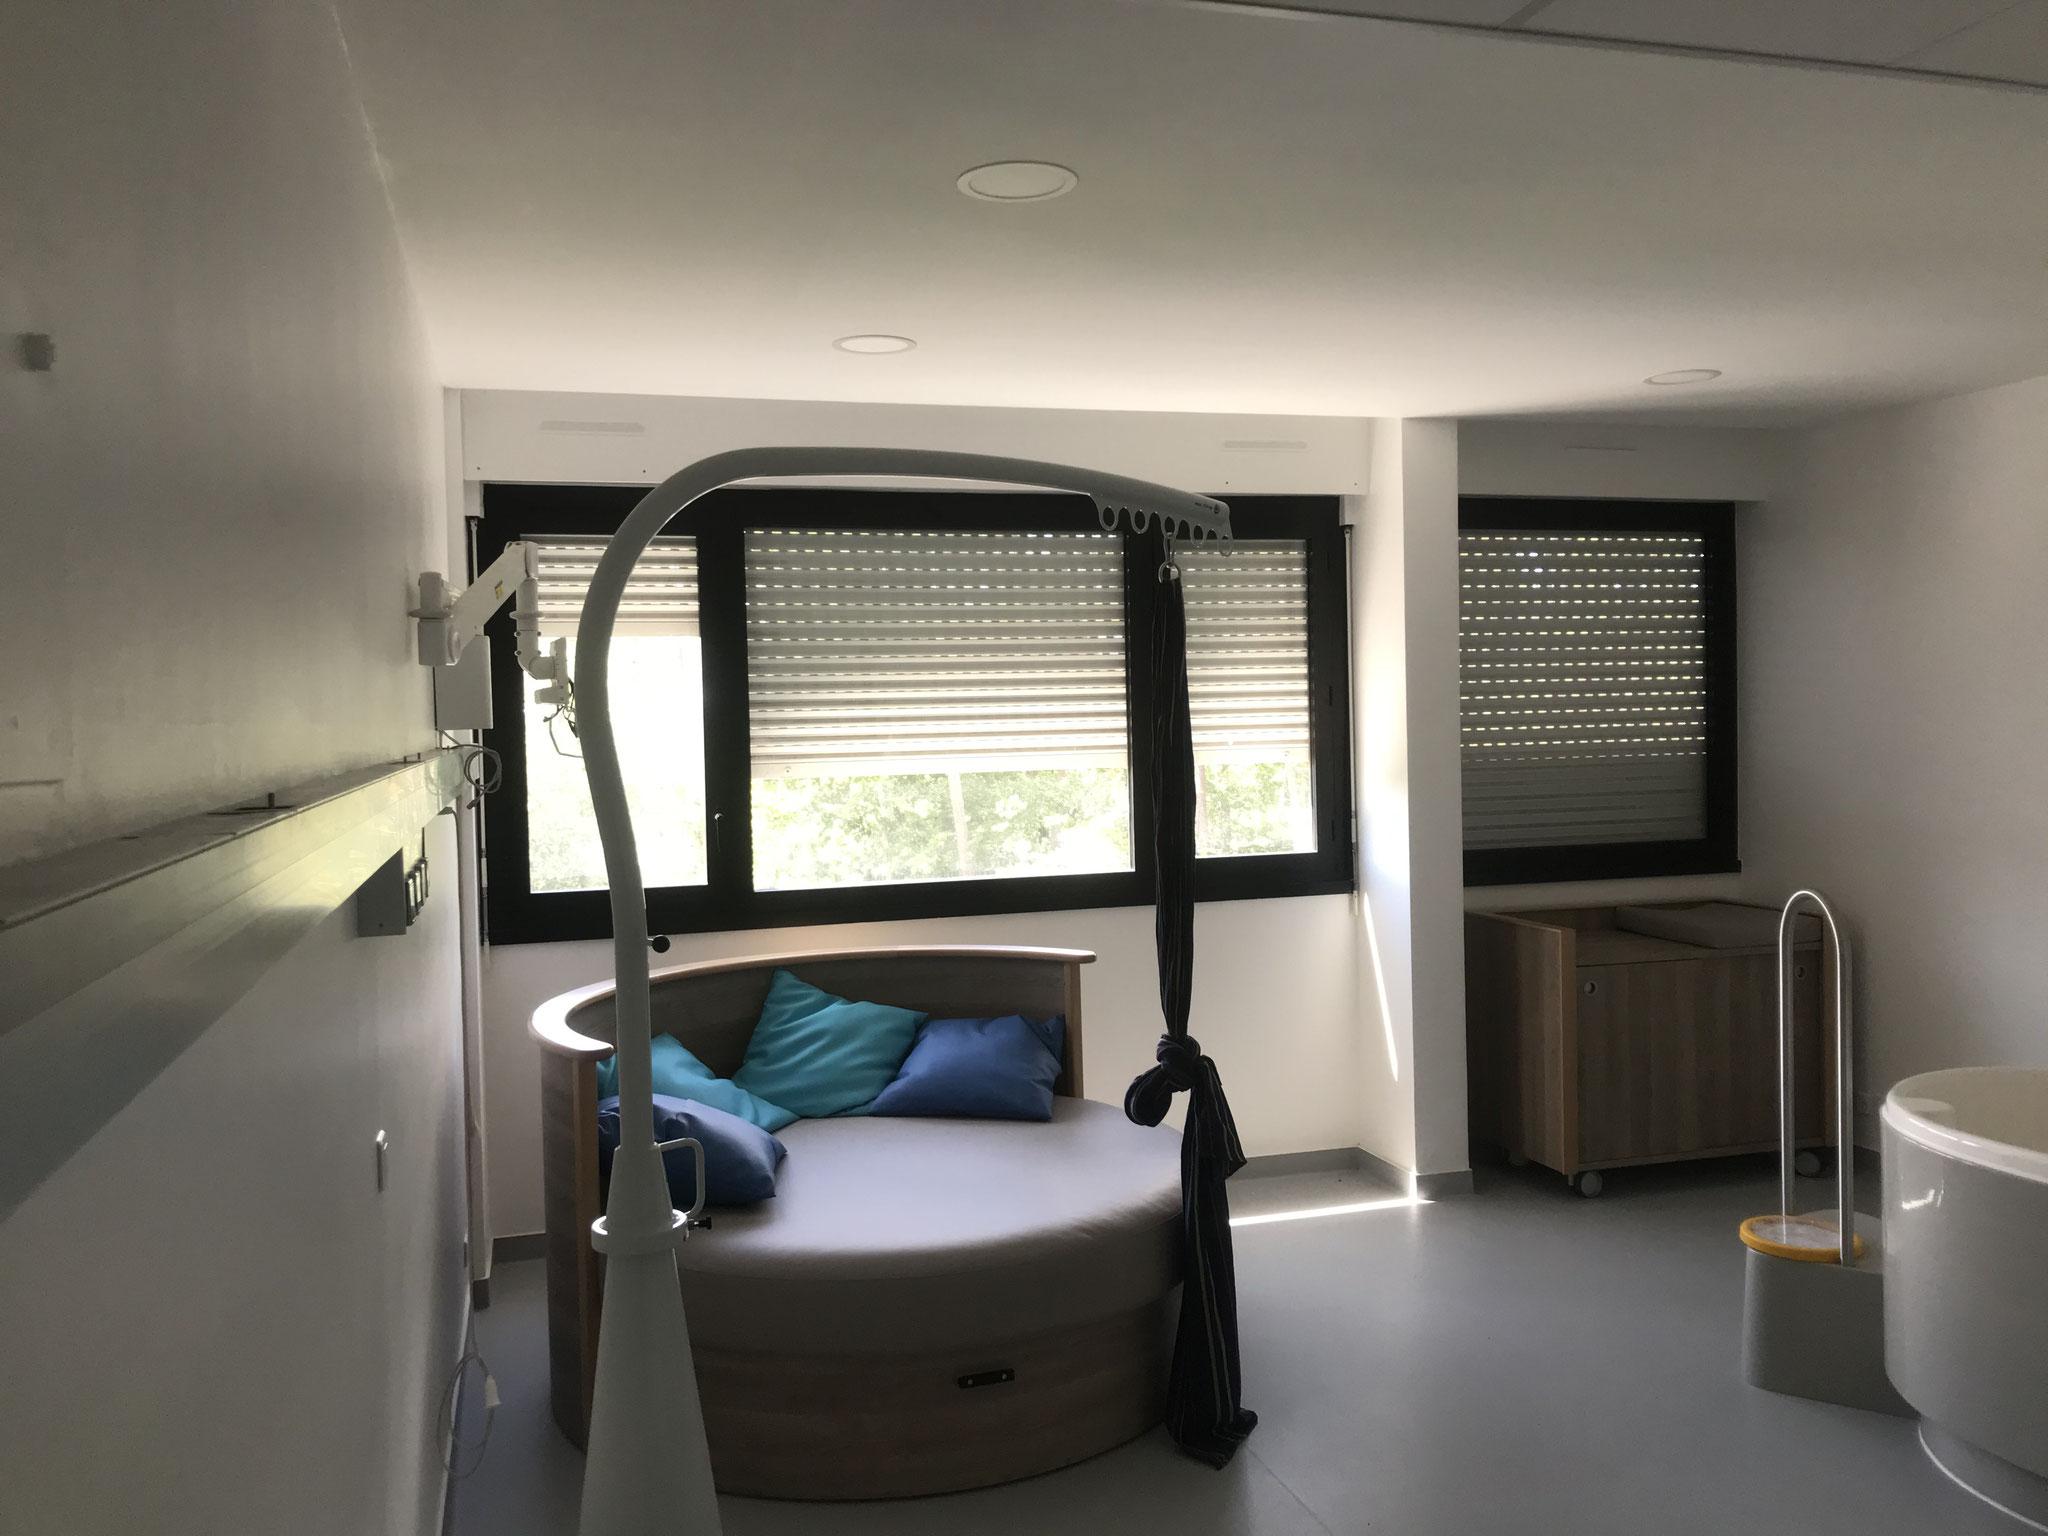 Dubosc platrerie retombée cloison et plafond démontable clinique / milieu hospitalier